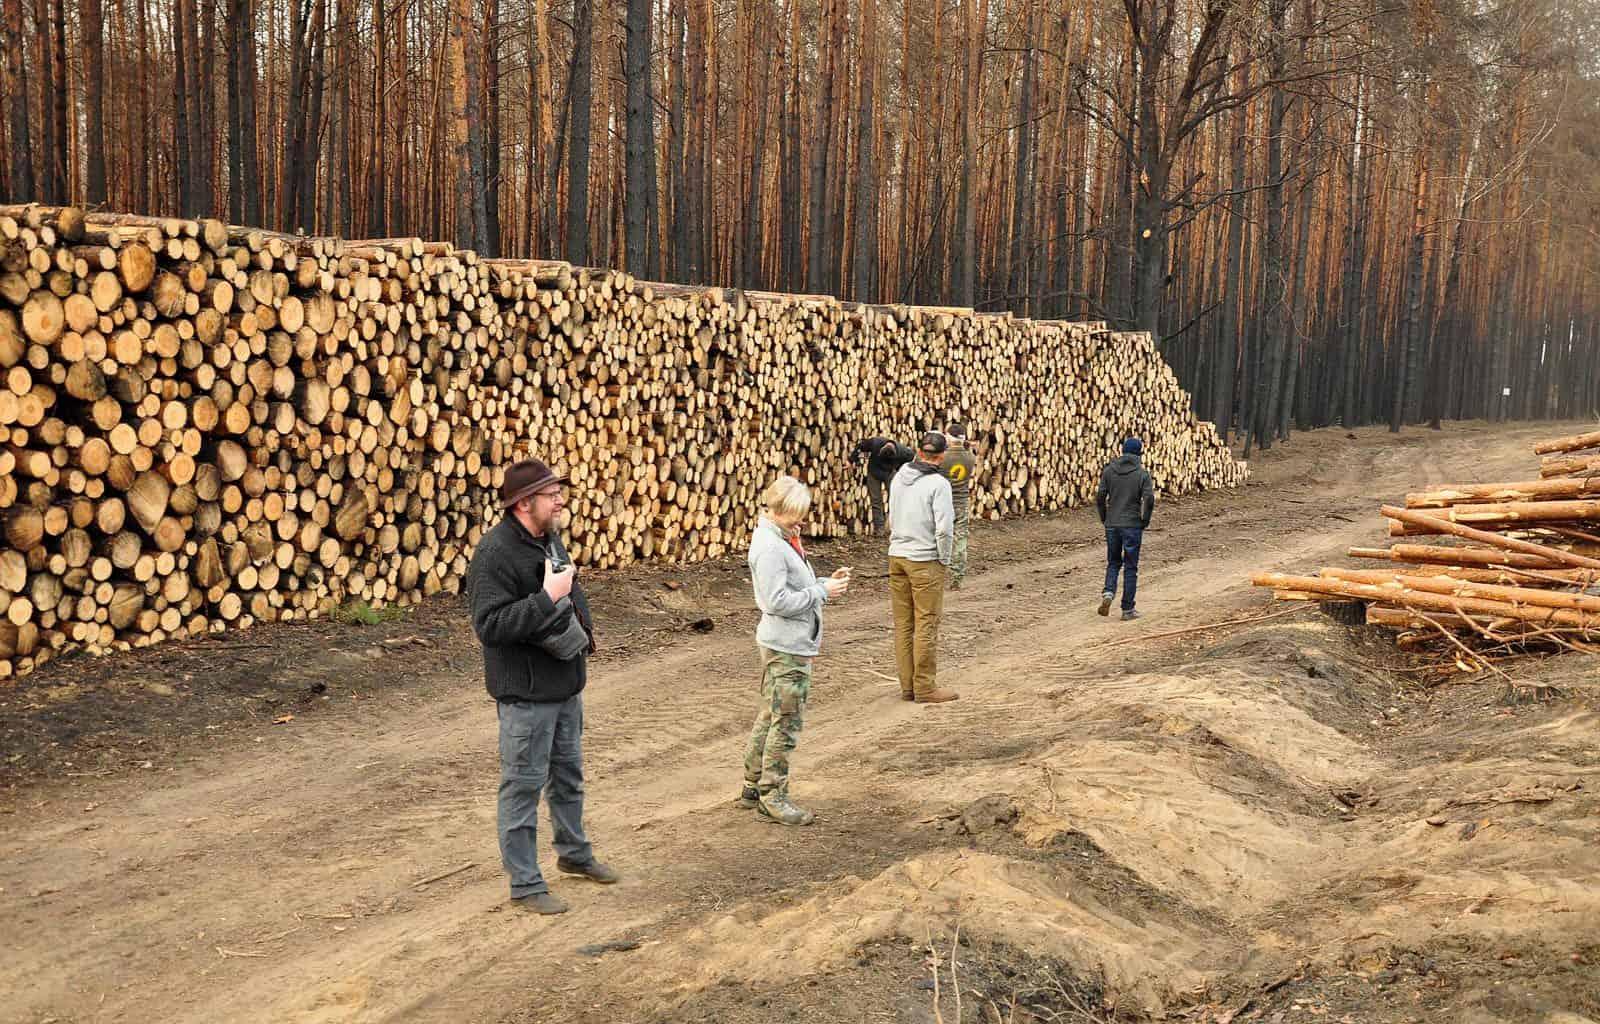 Forest Fire Treuebrietzen Brandenburg-22458 © Christoph Nowicki